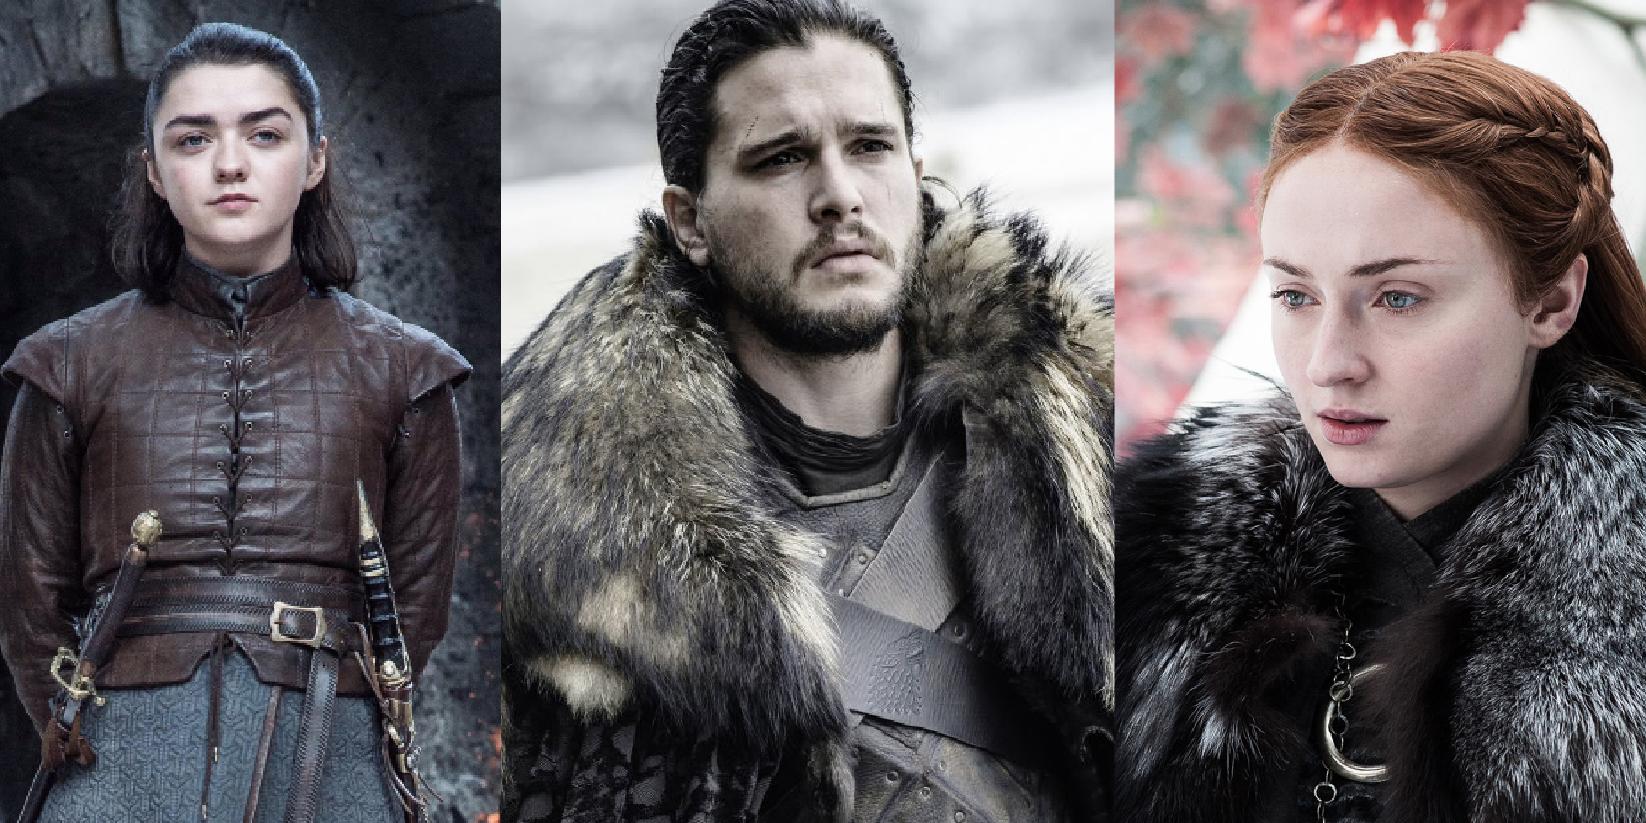 game of thrones seizoen 8,Arya Stark, Jon Snow,Sansa Stark